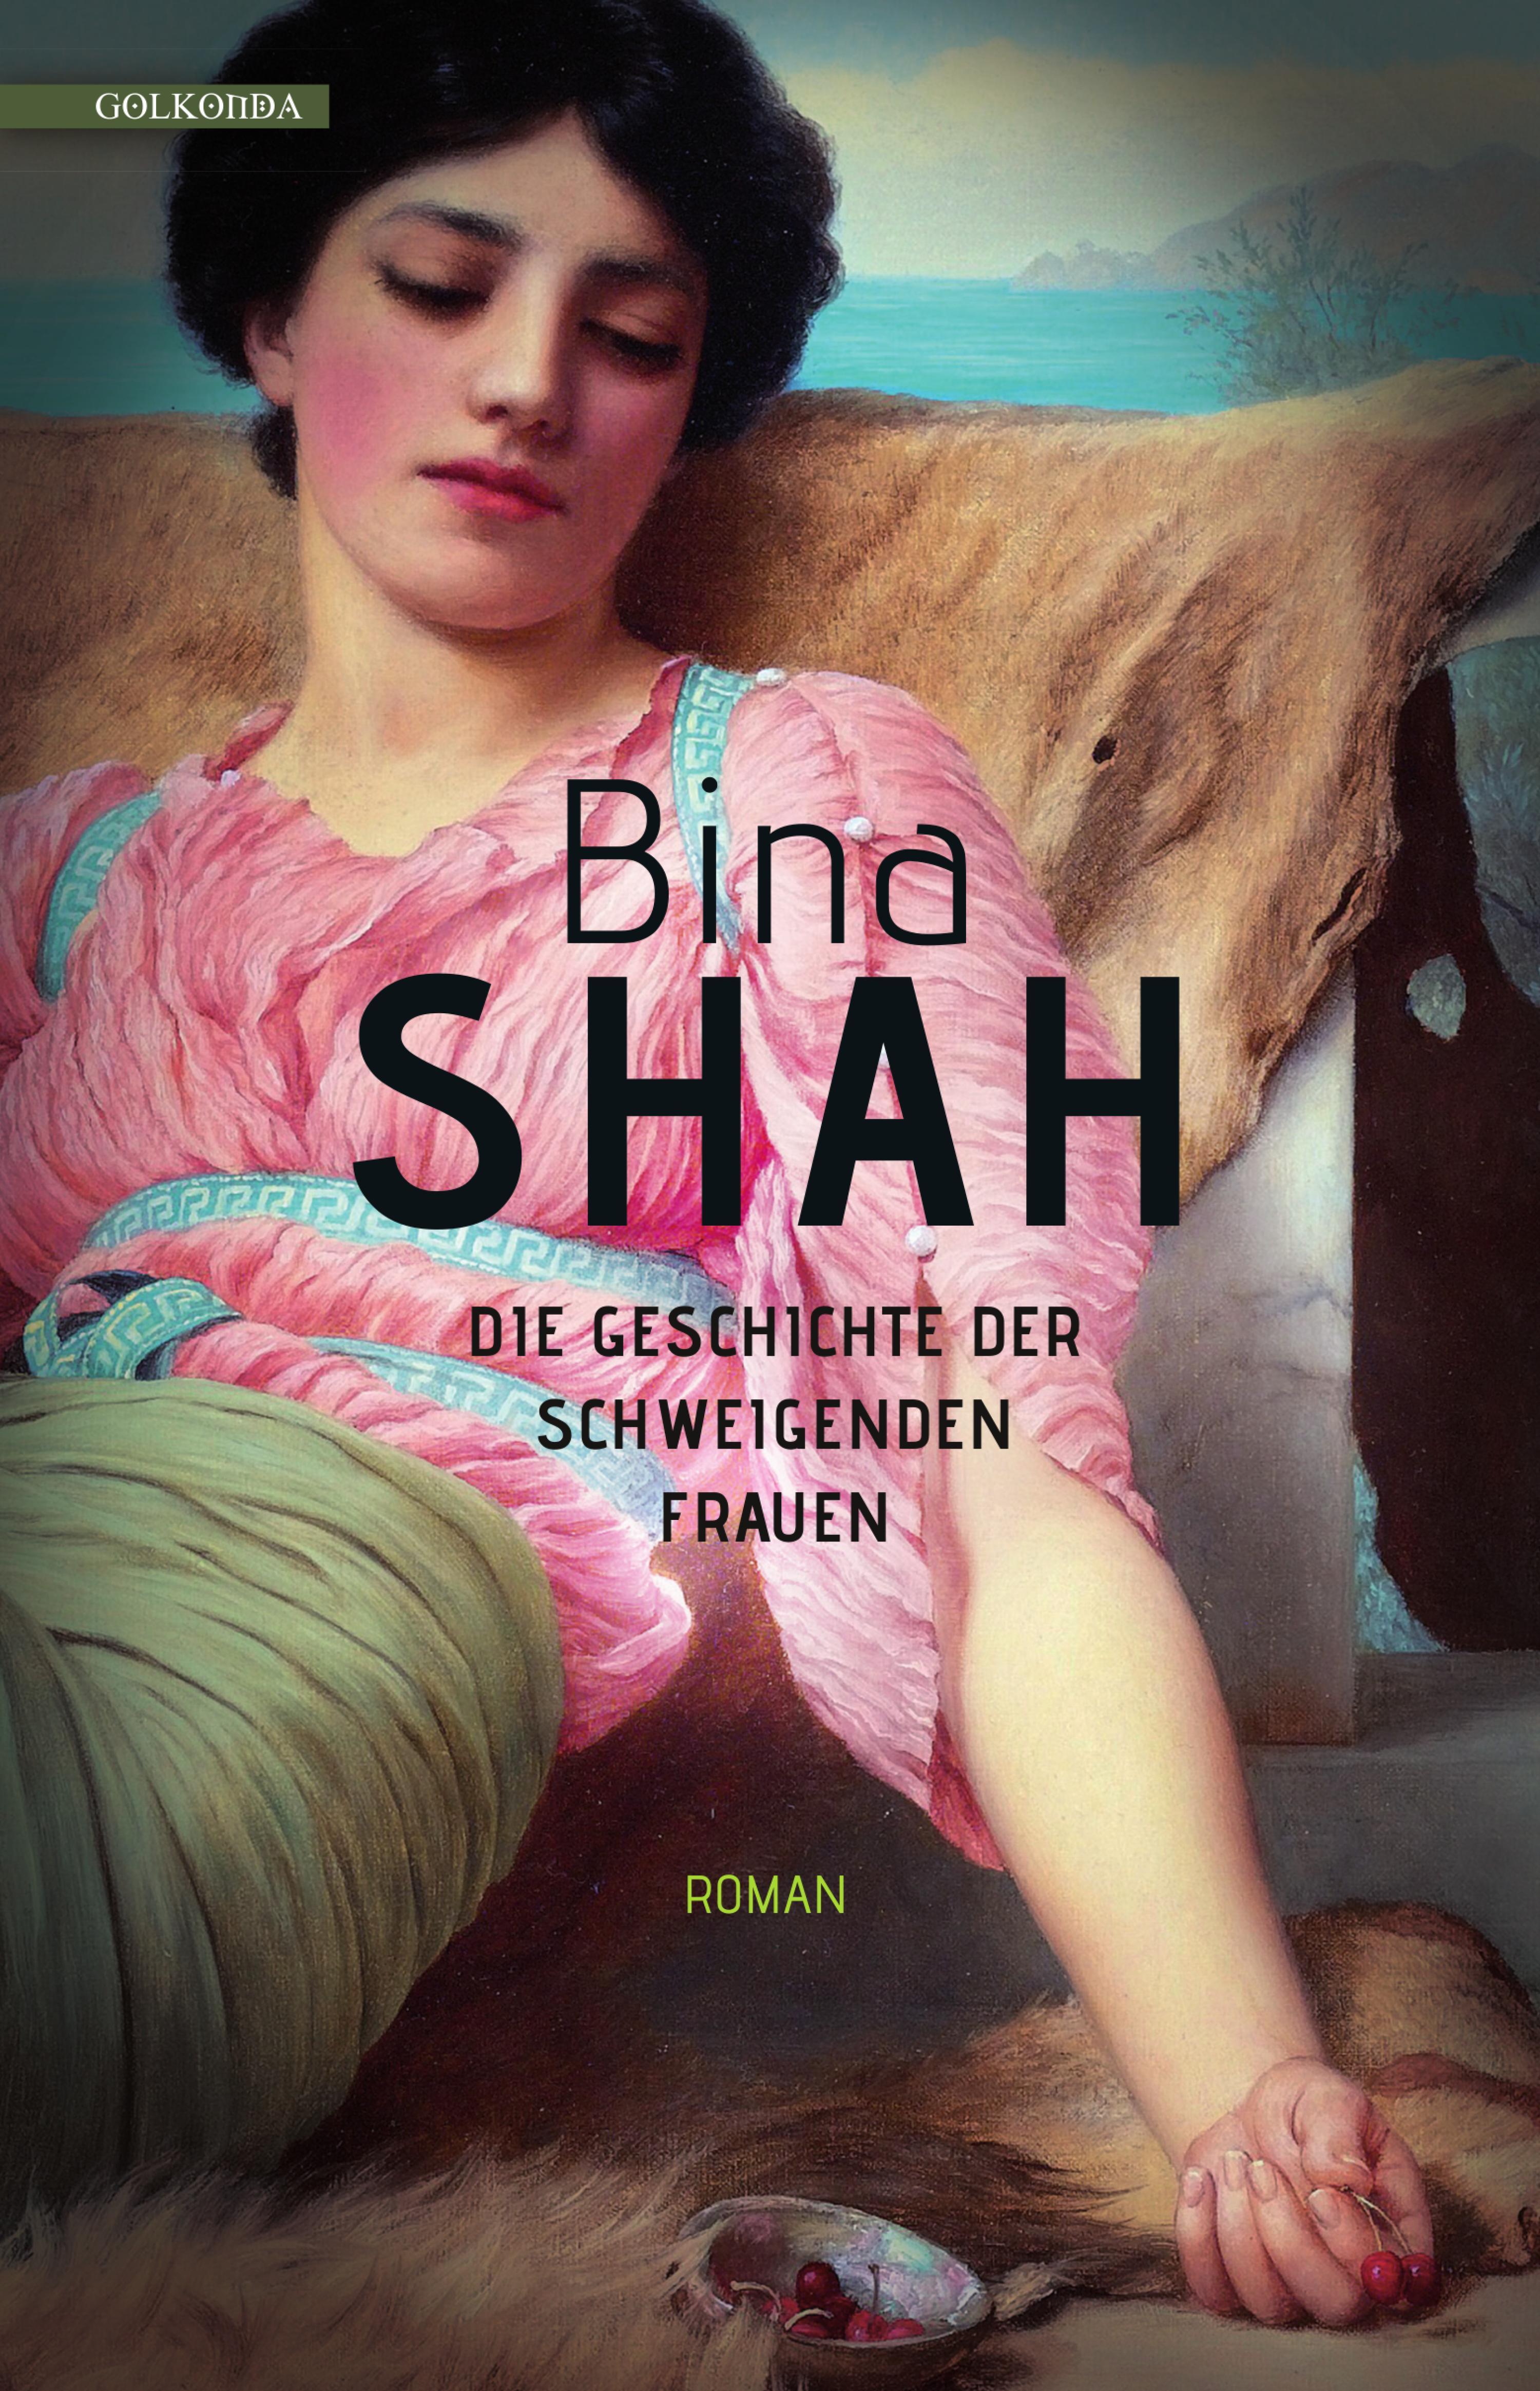 Bina Shah Die Geschichte der schweigenden Frauen